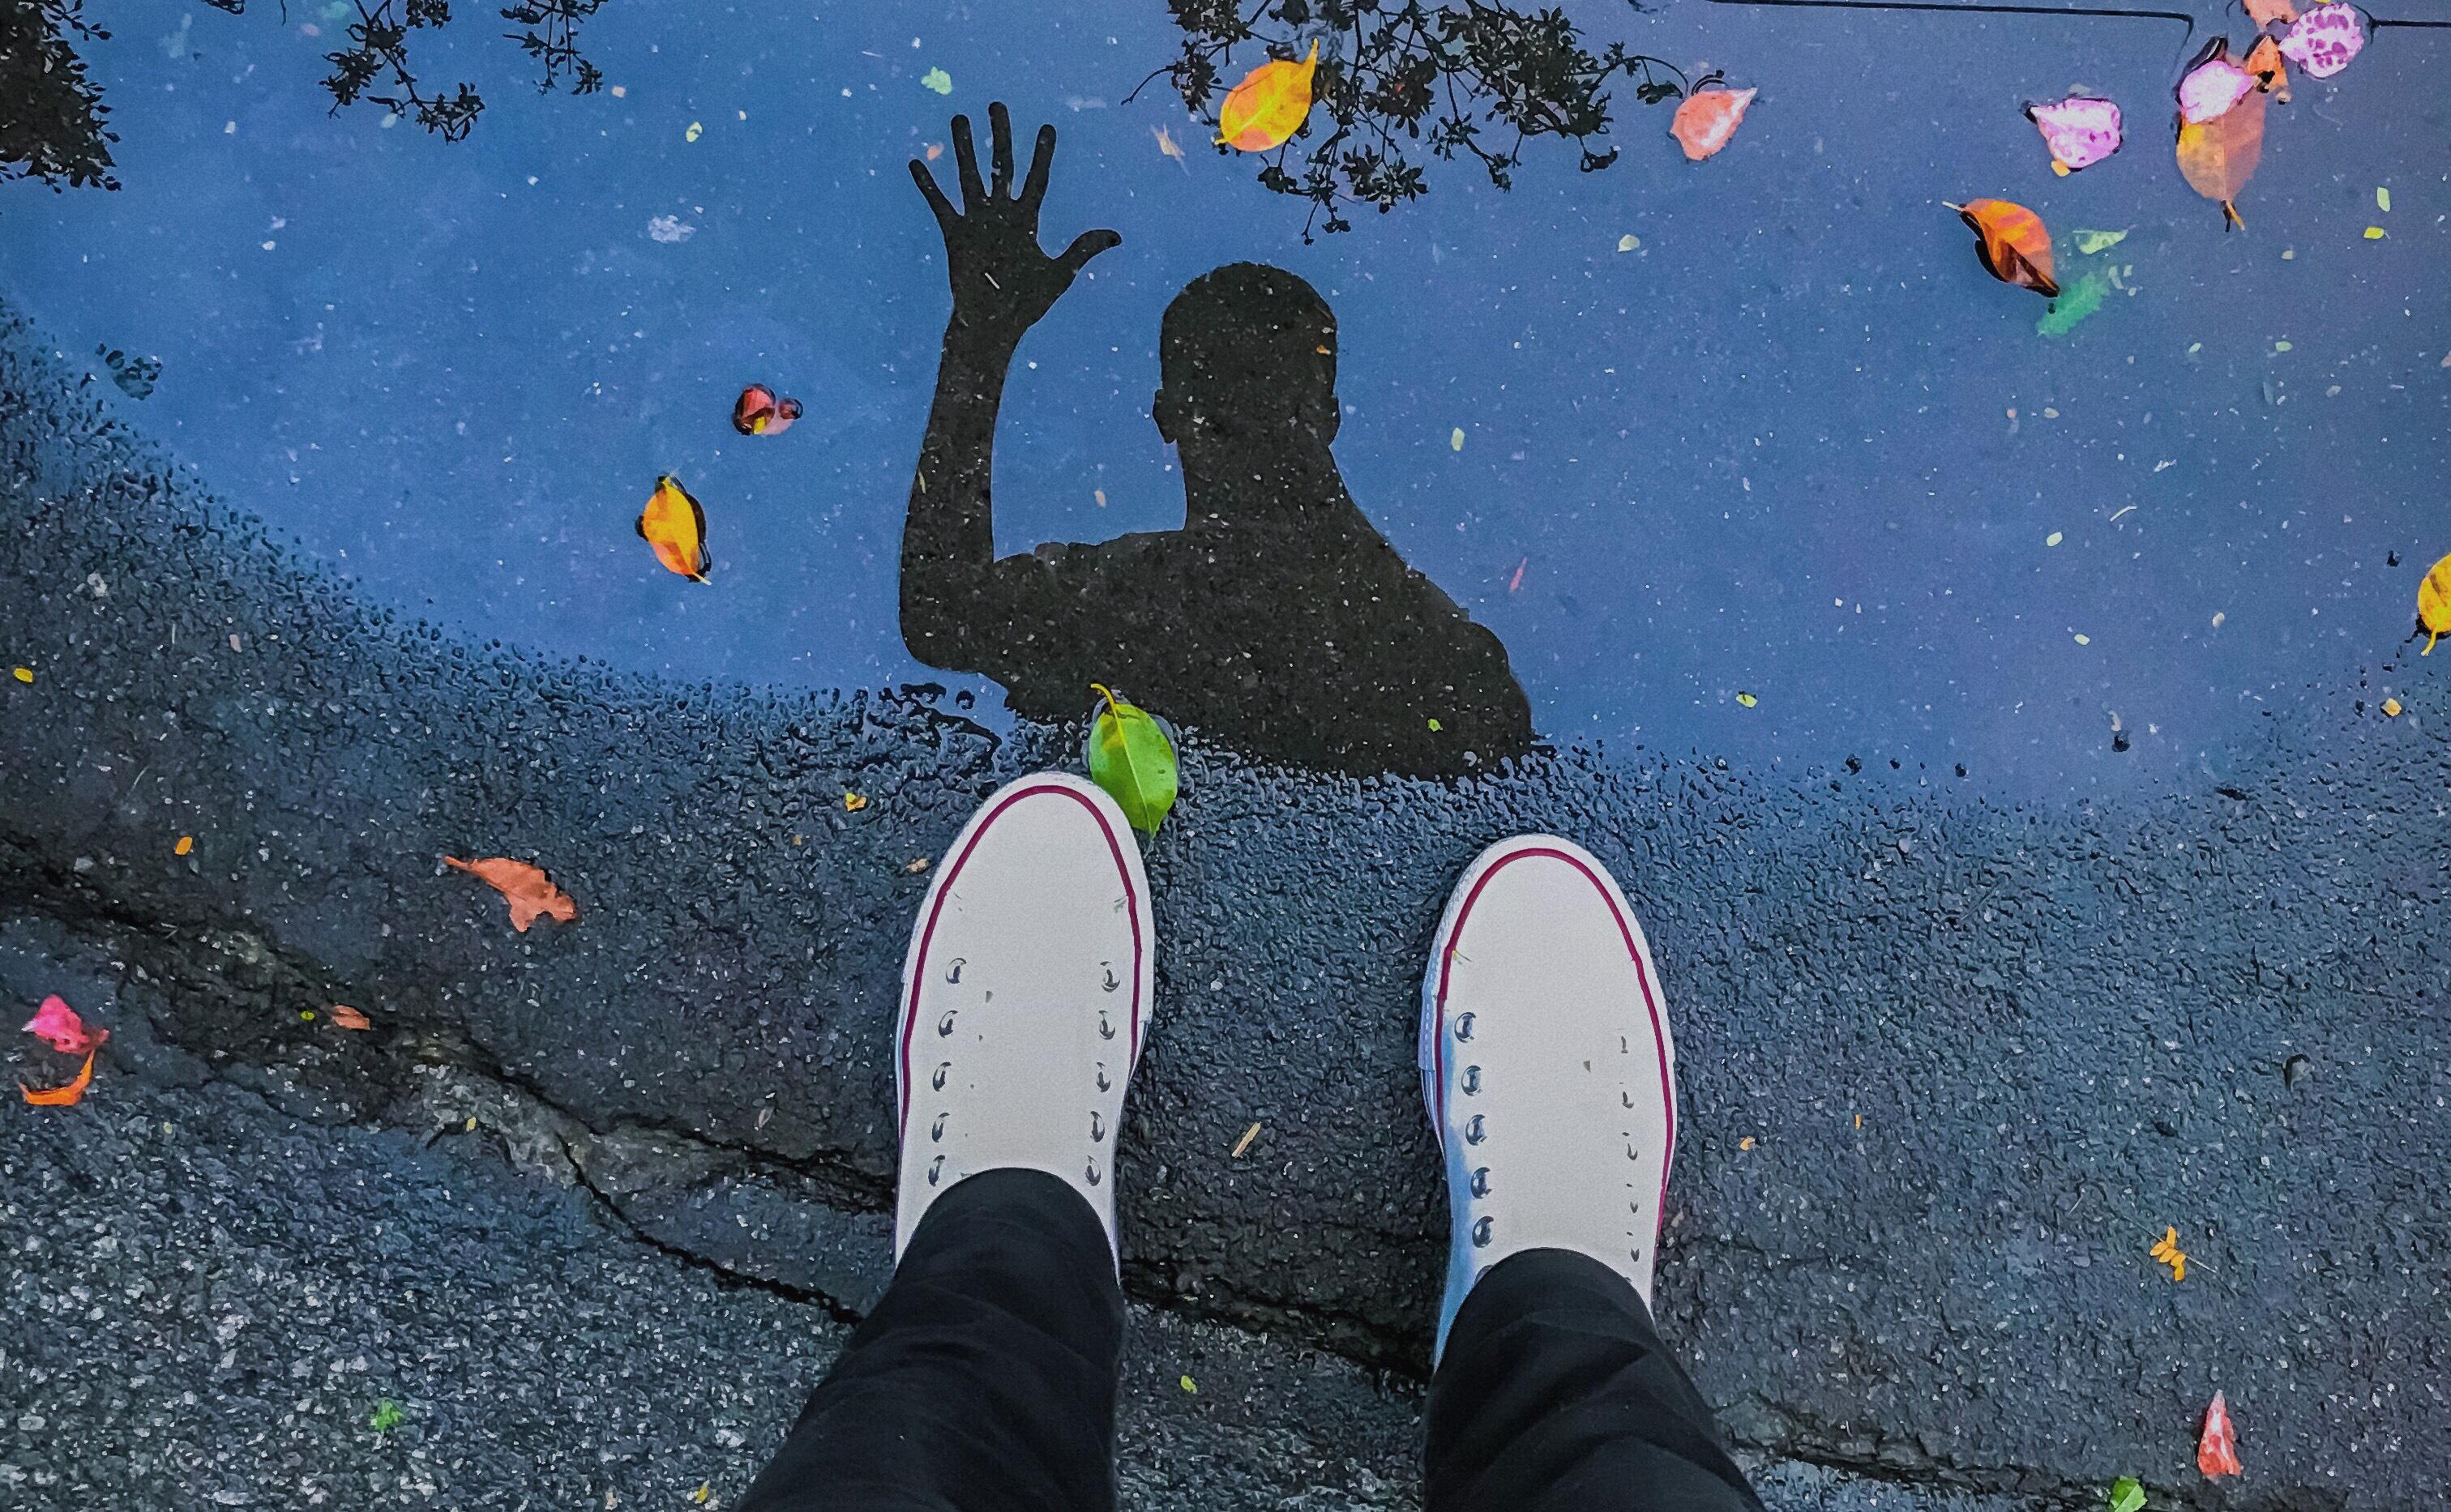 oto dos pés com all star branco e uma poça d'água no chão. No reflexo, há a silhueta de um homem acenando com a mão aberta. Na água da poça, também há folhas e pétalas de flores.